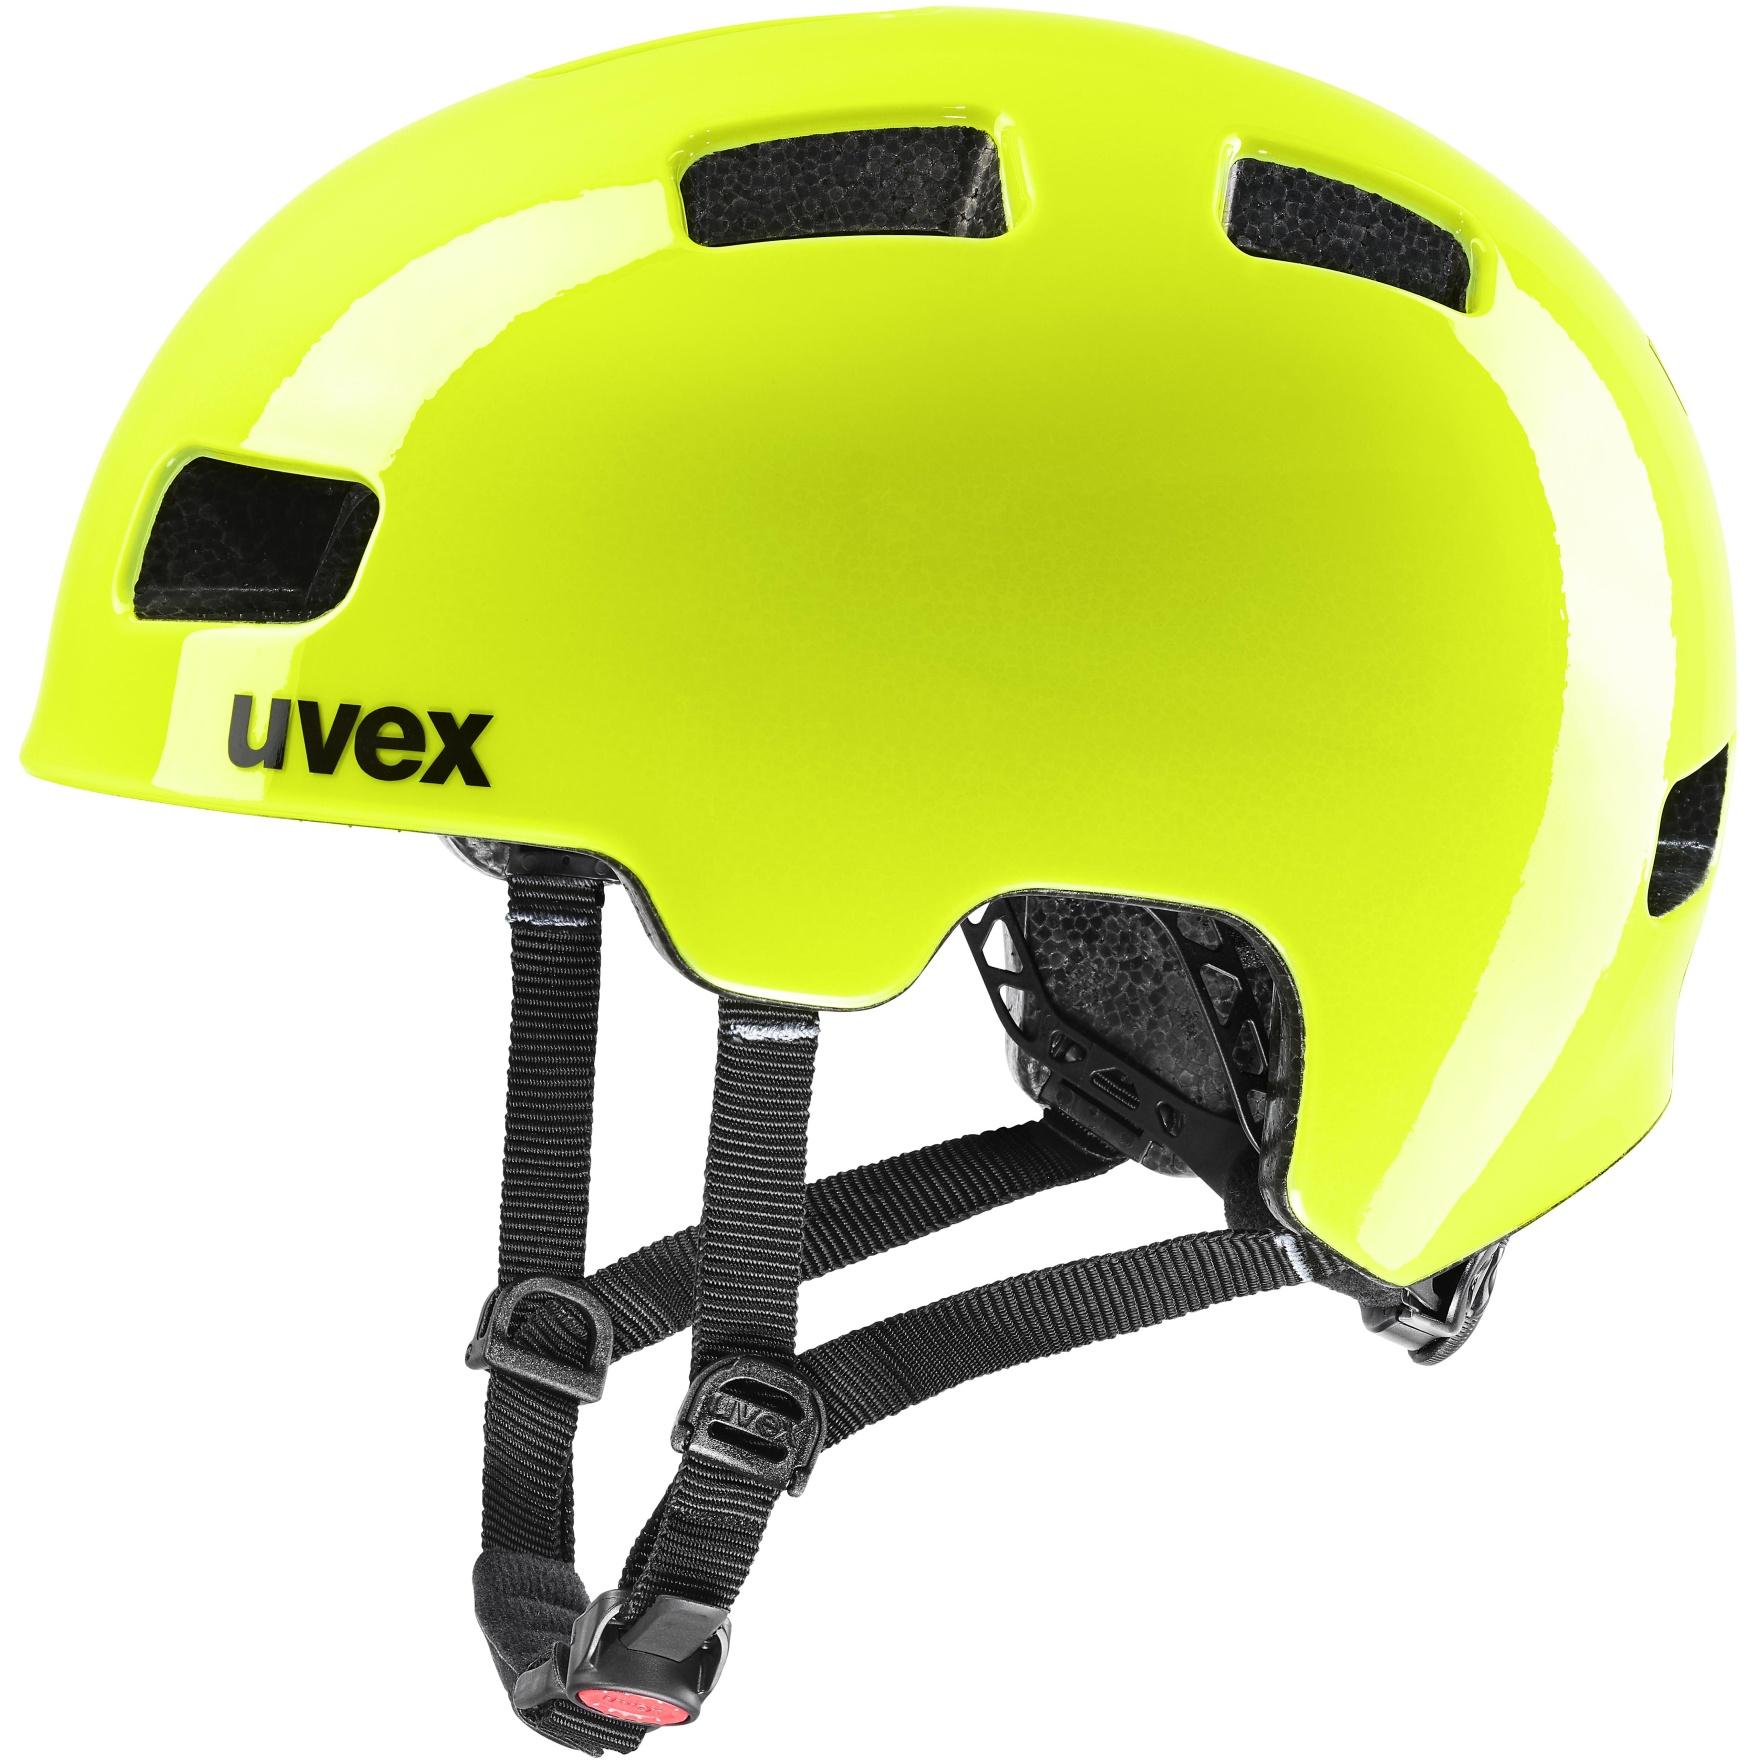 Uvex hlmt 4 Kids Helmet - neon yellow